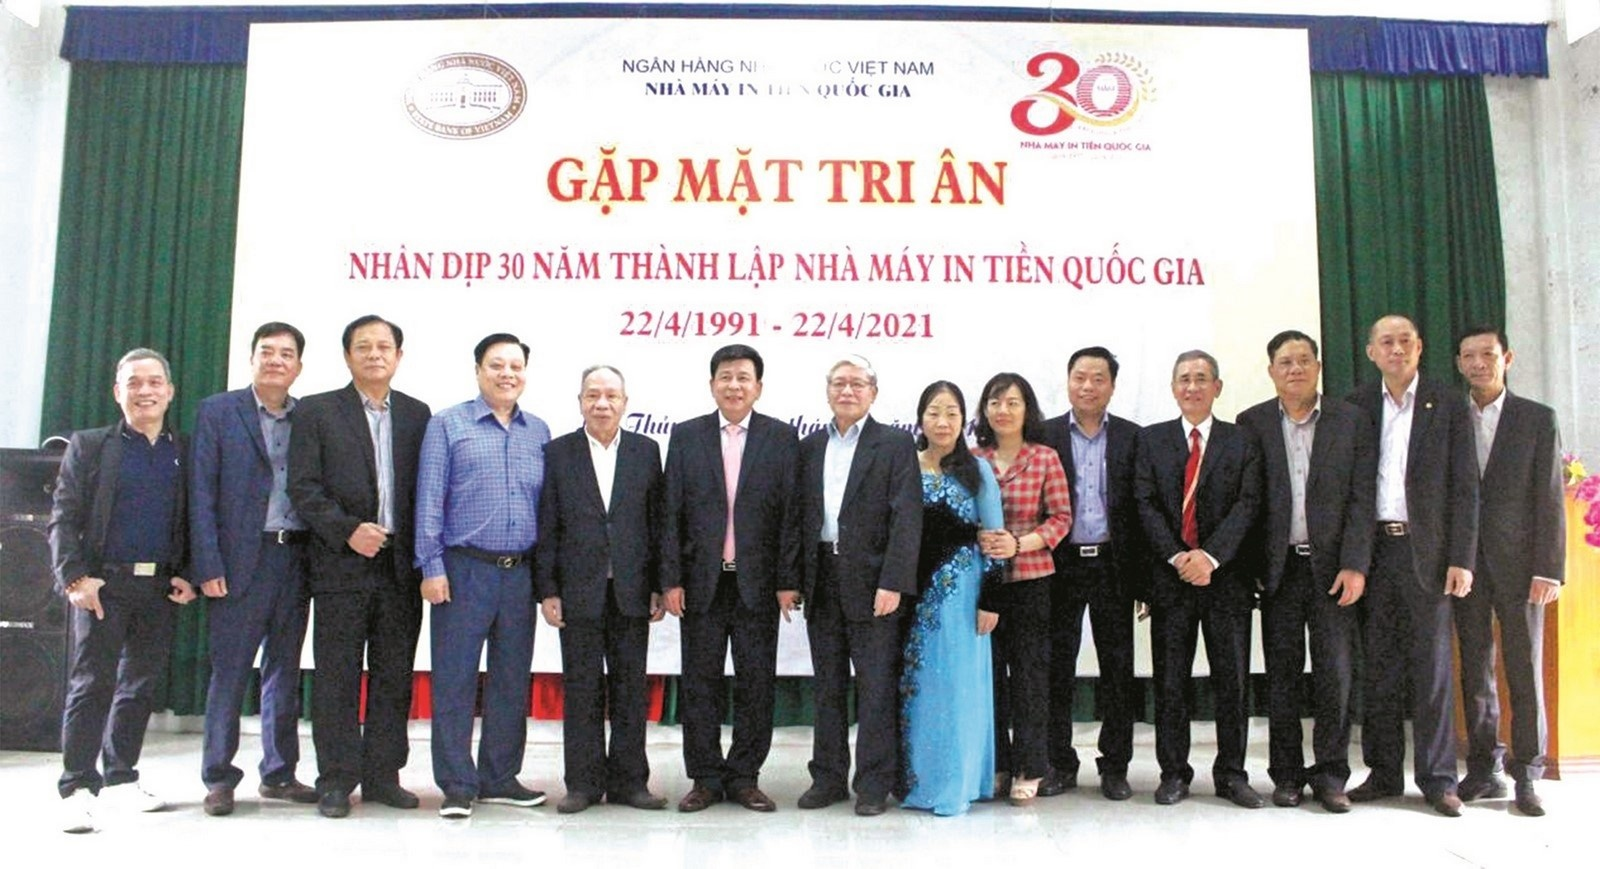 Hưng Thịnh Land khẳng định vị thế trong Top 10 nhà phát triển Bất Động Sản hàng đầu Việt Nam 2020 13